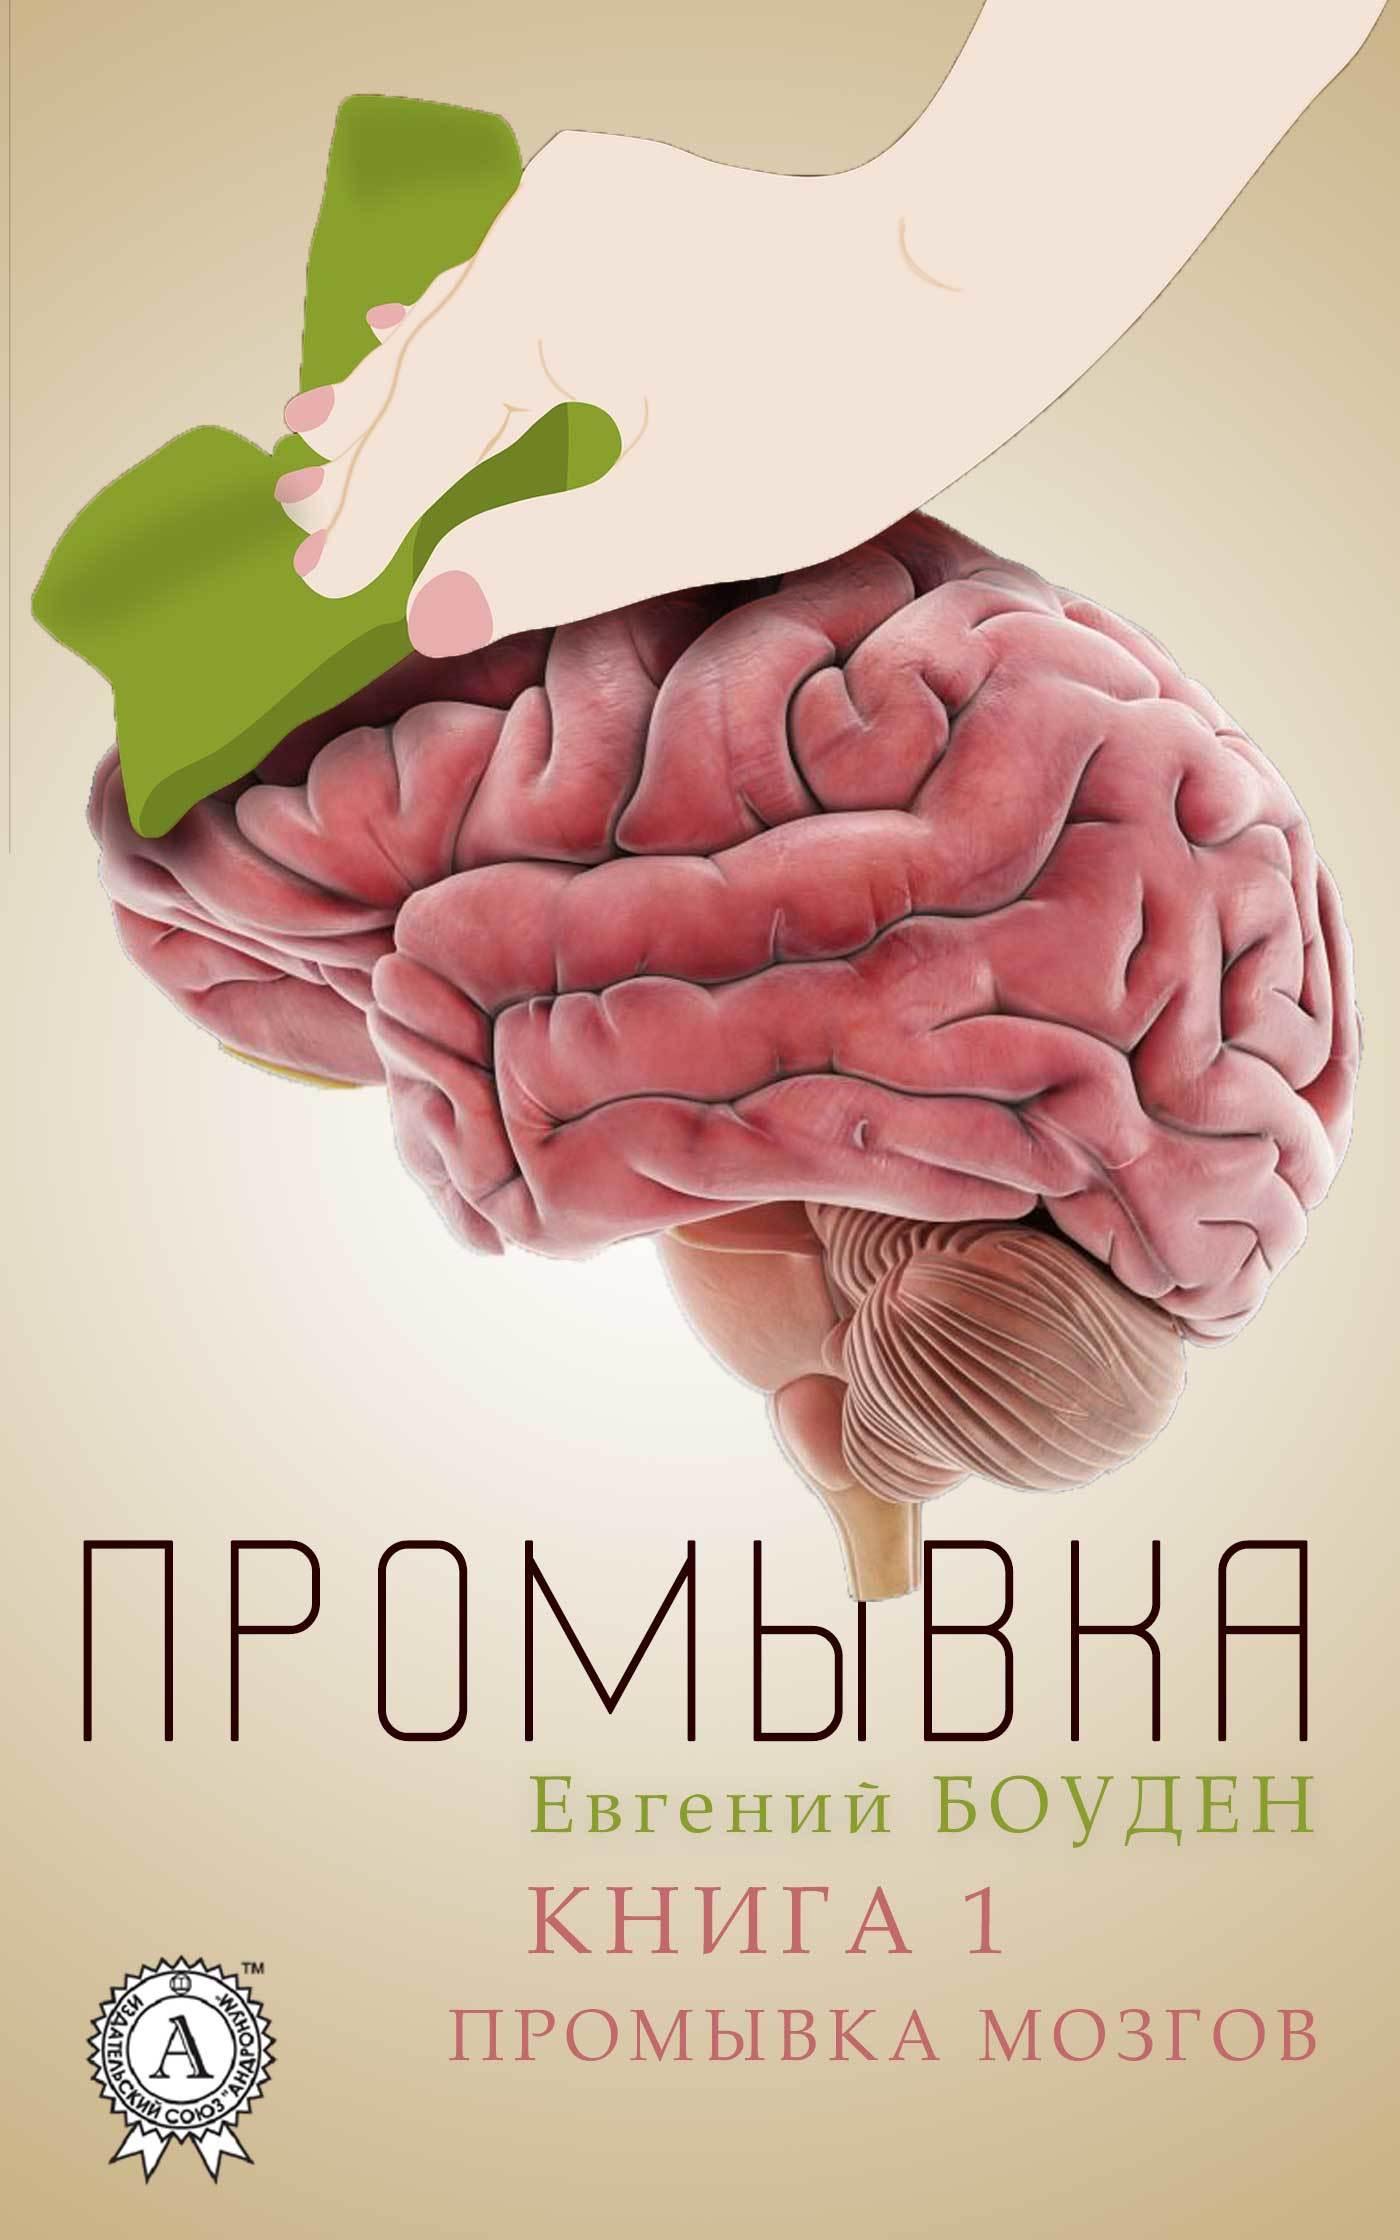 воспоминания фото промытые мозги вид отделки нельзя